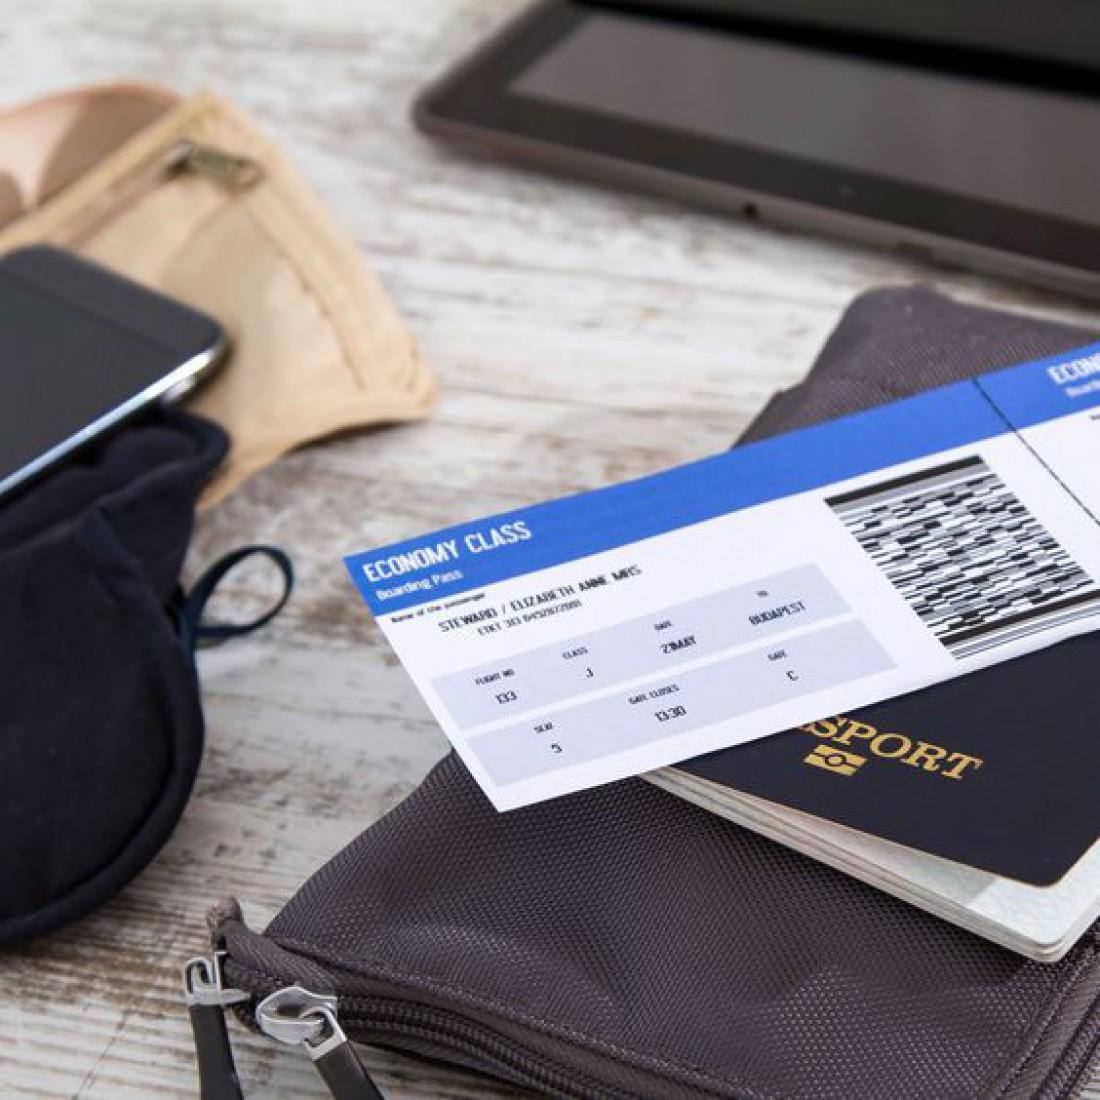 Билеты на самолет: где и как купить самые бюджетные варианты?